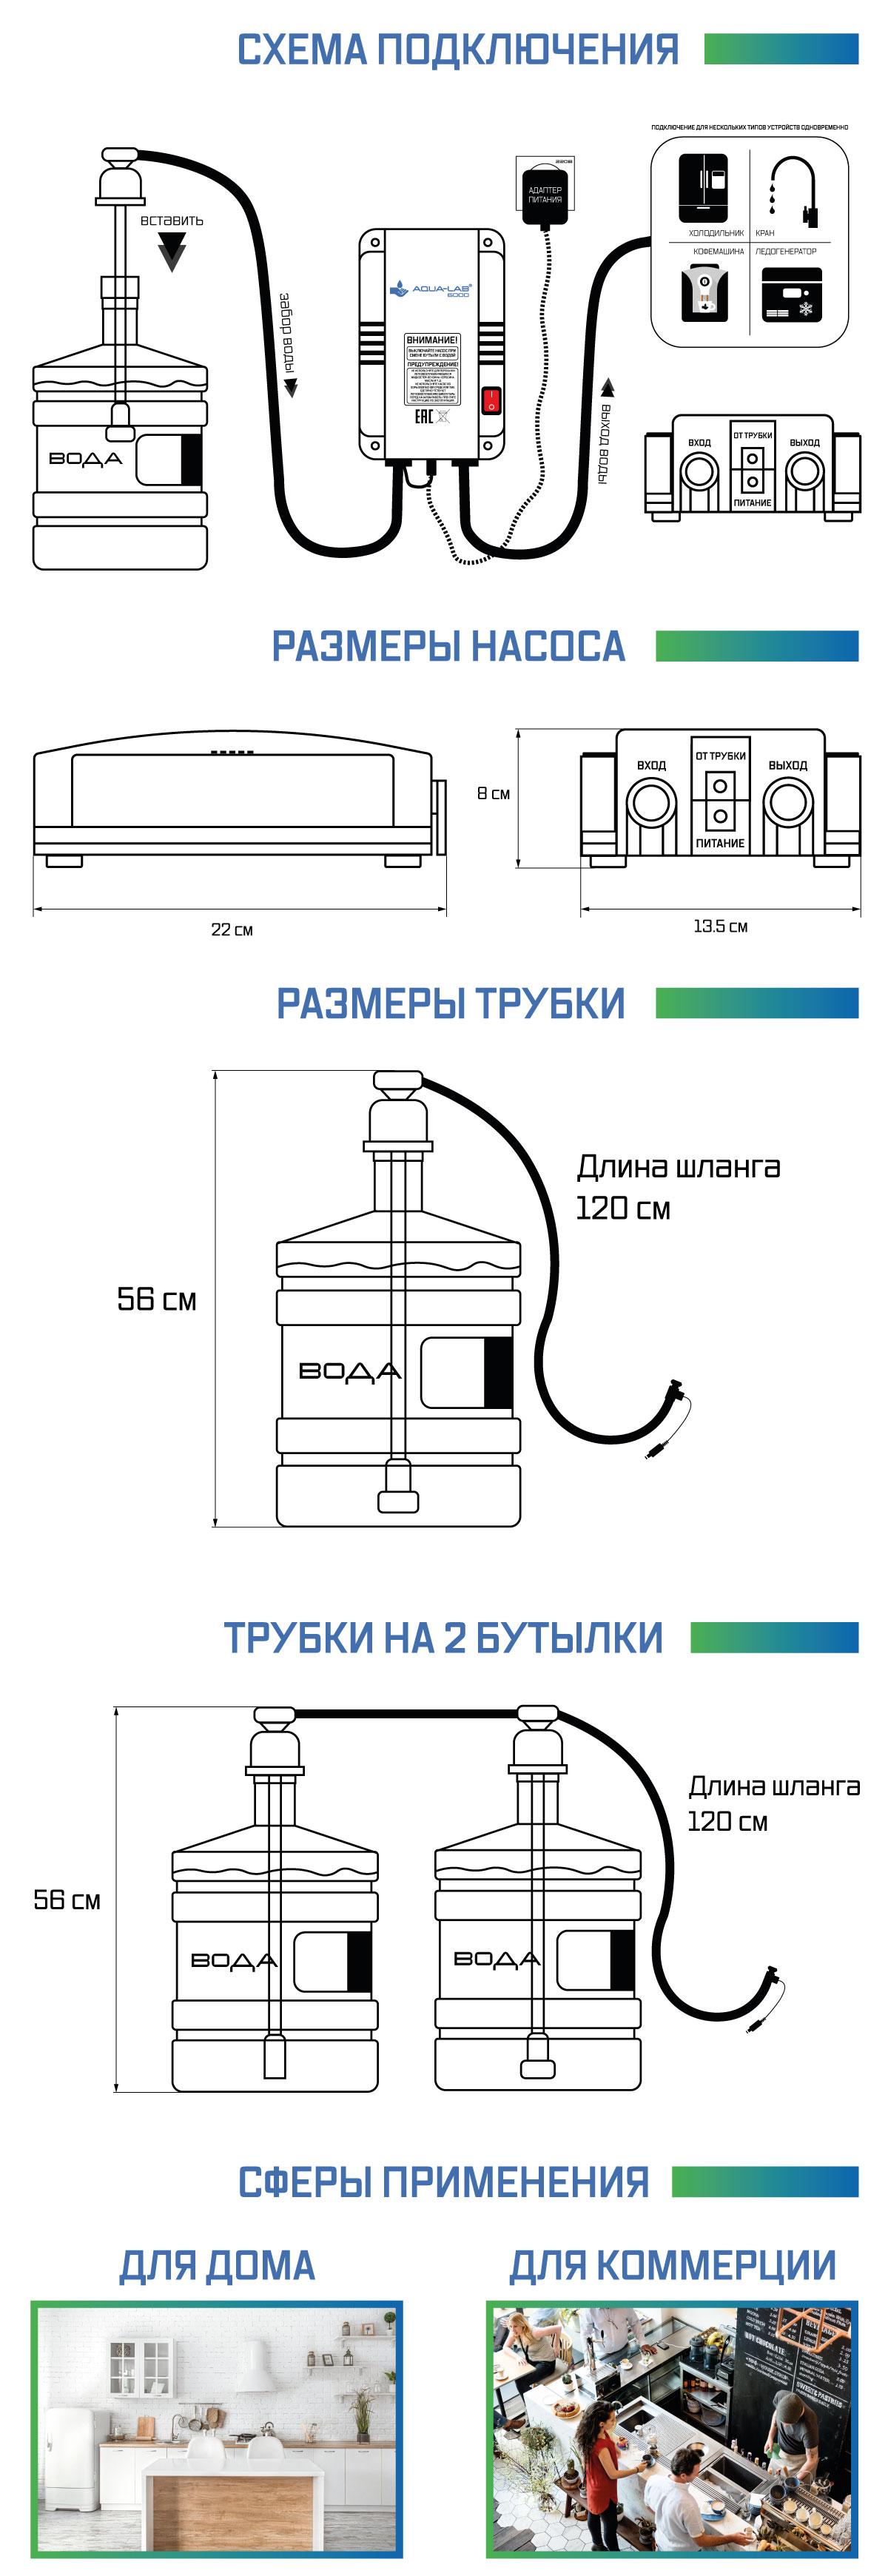 описание насоса aq-6000 ч2